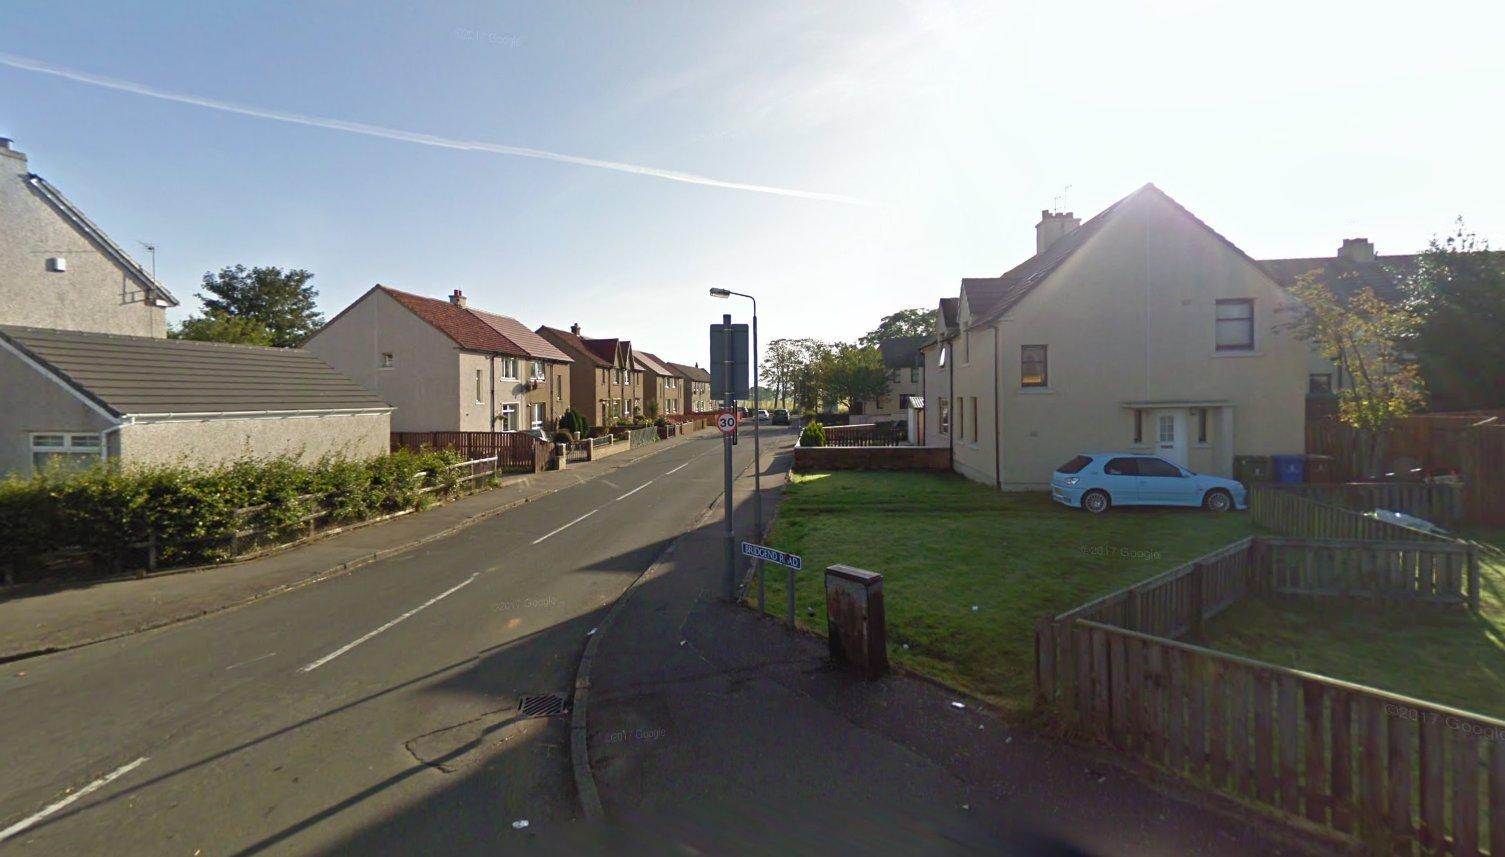 Bridgend Road, Avonbridge (Picture: Google)